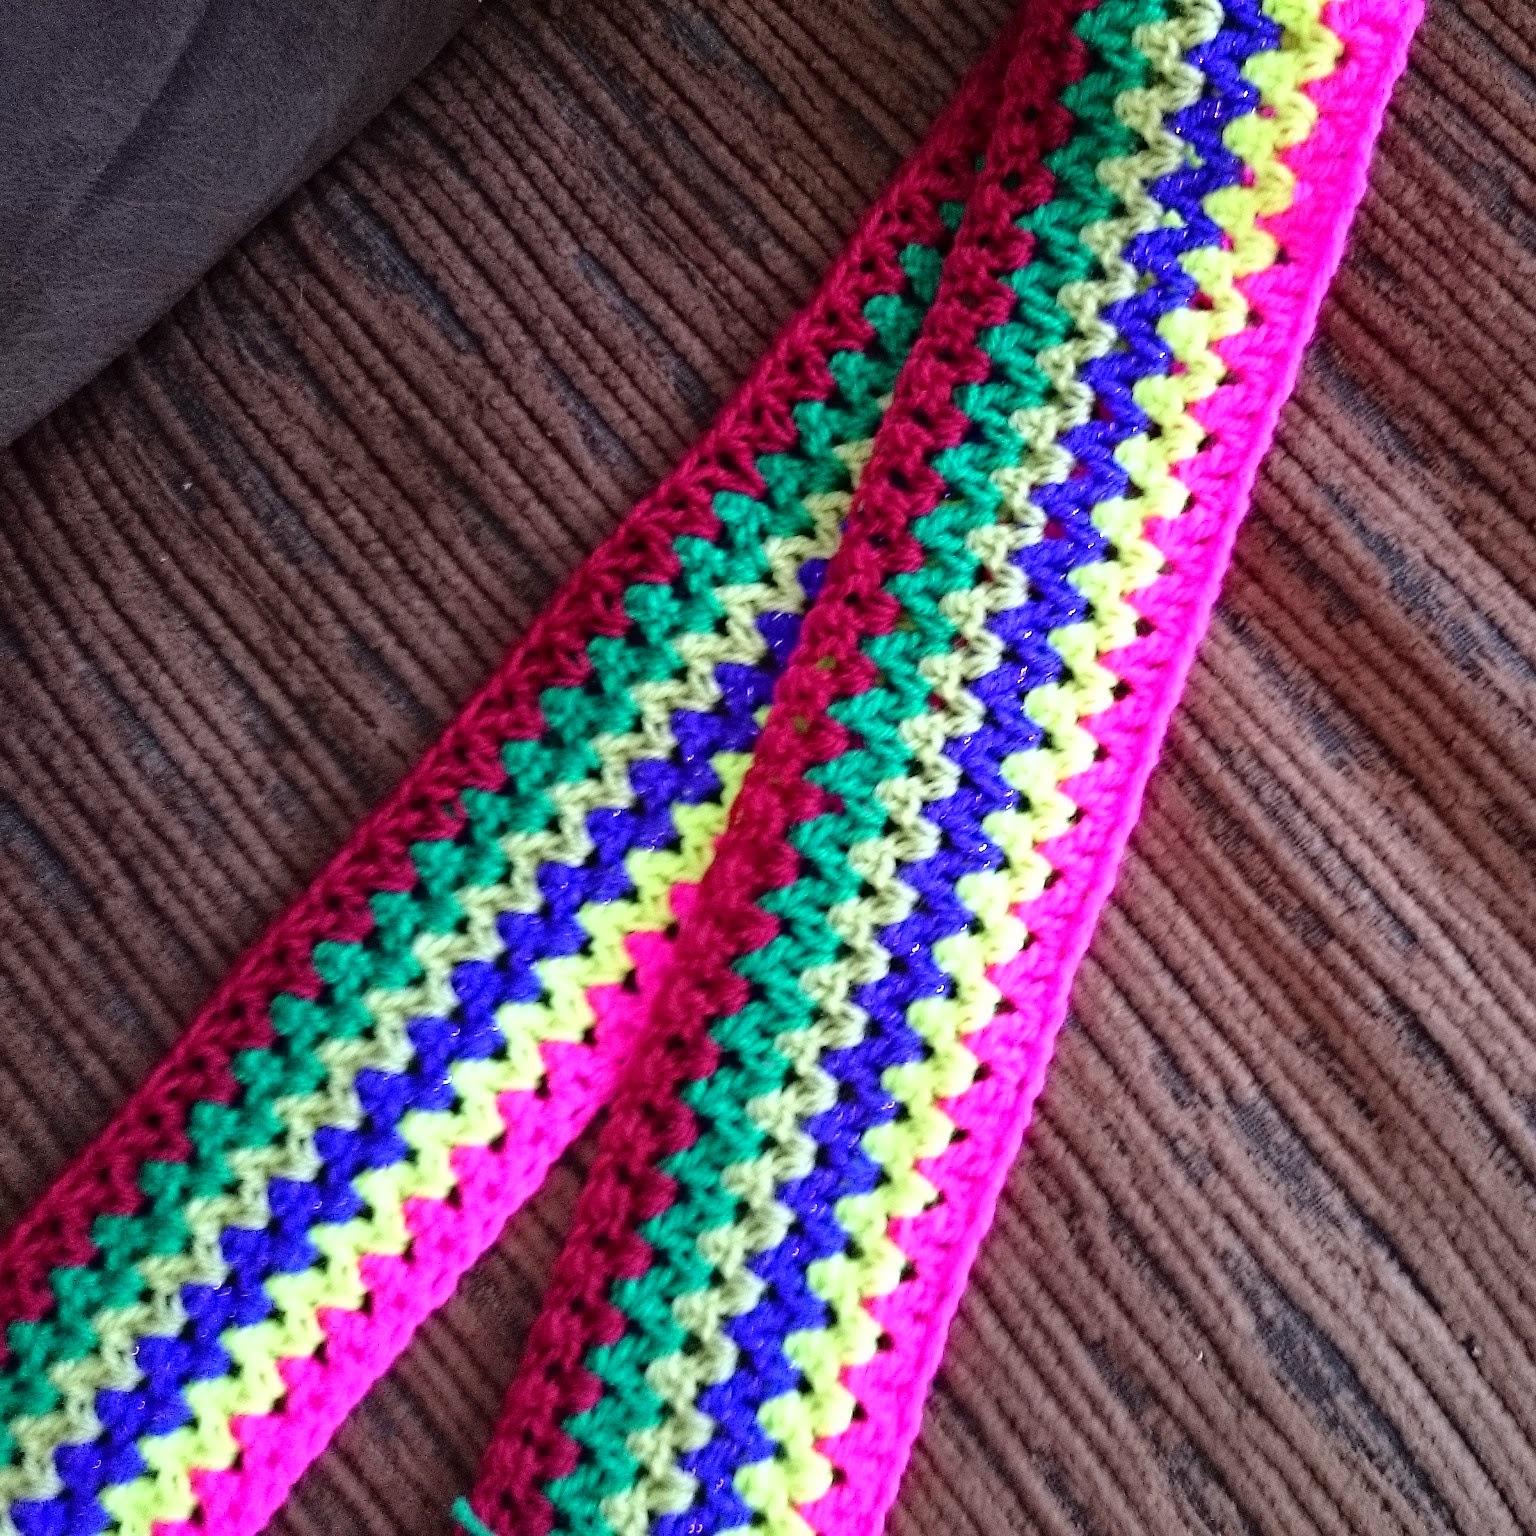 Robin Sparkles Blog Crochet V Stitch Travel Blanket My